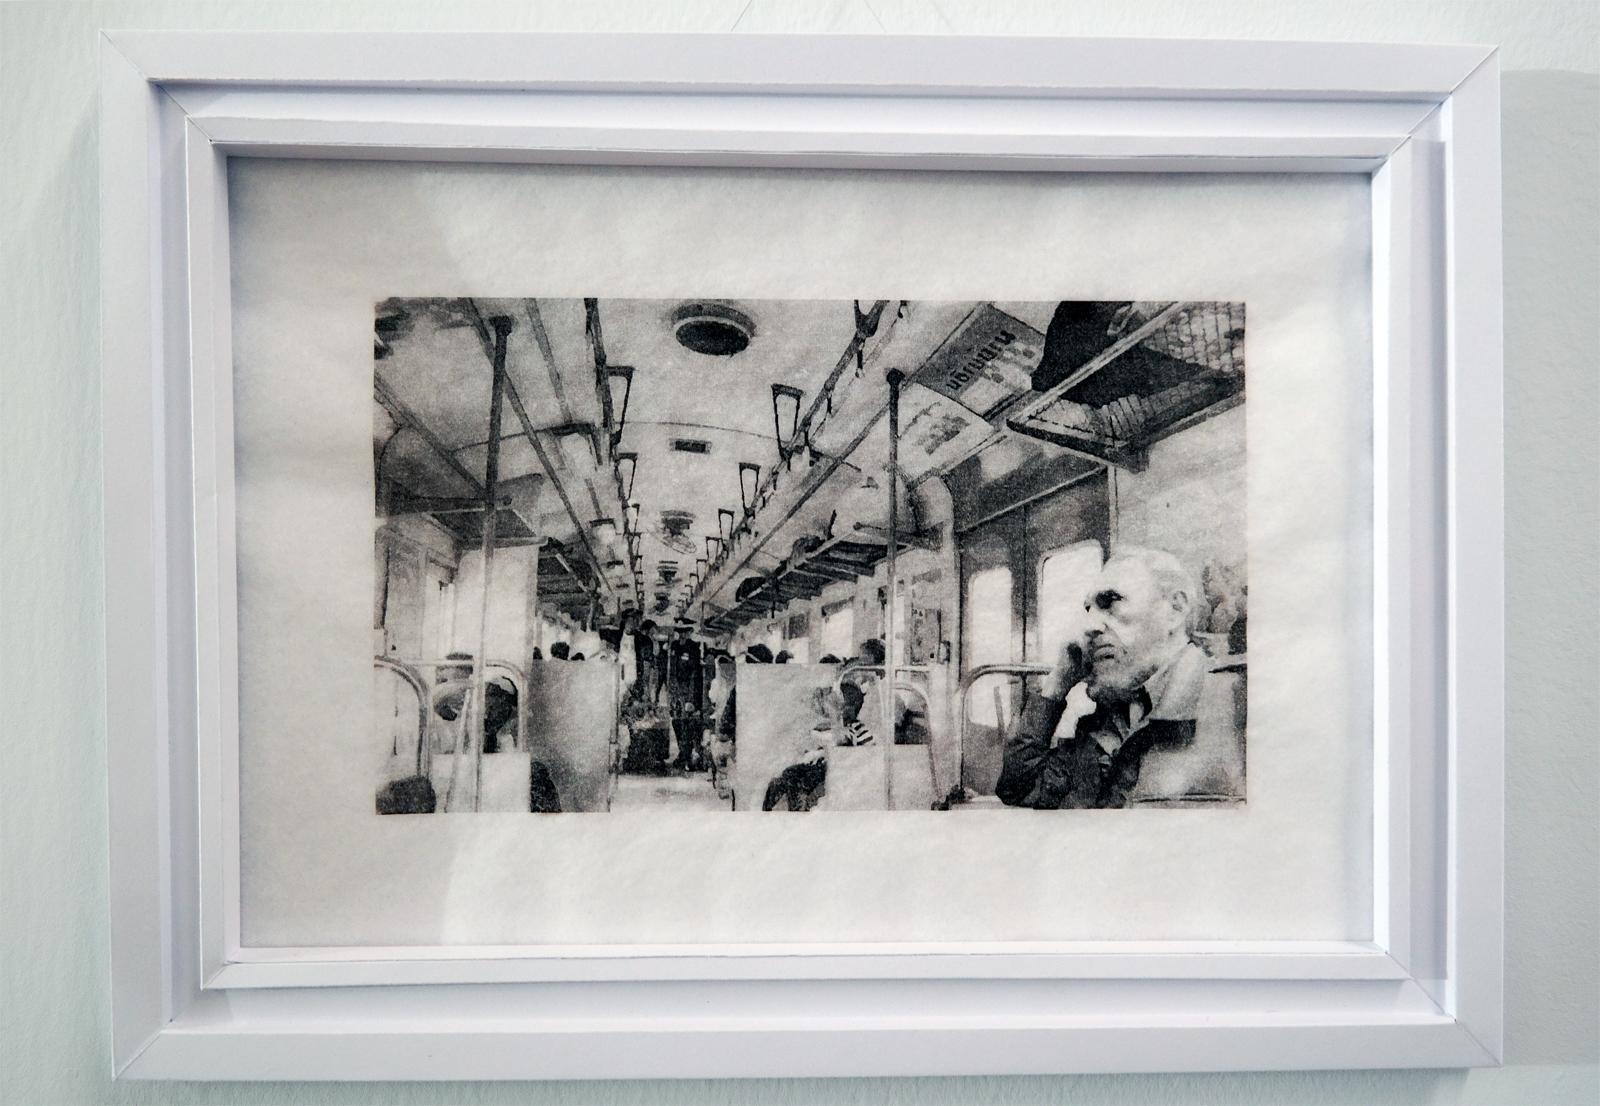 Yassine Boussaadoun Fidel Castro série Les Dictateurs dans le métro 2013 transfert sur papier oeuvre sélection 61e salon de montrouge 2016 art